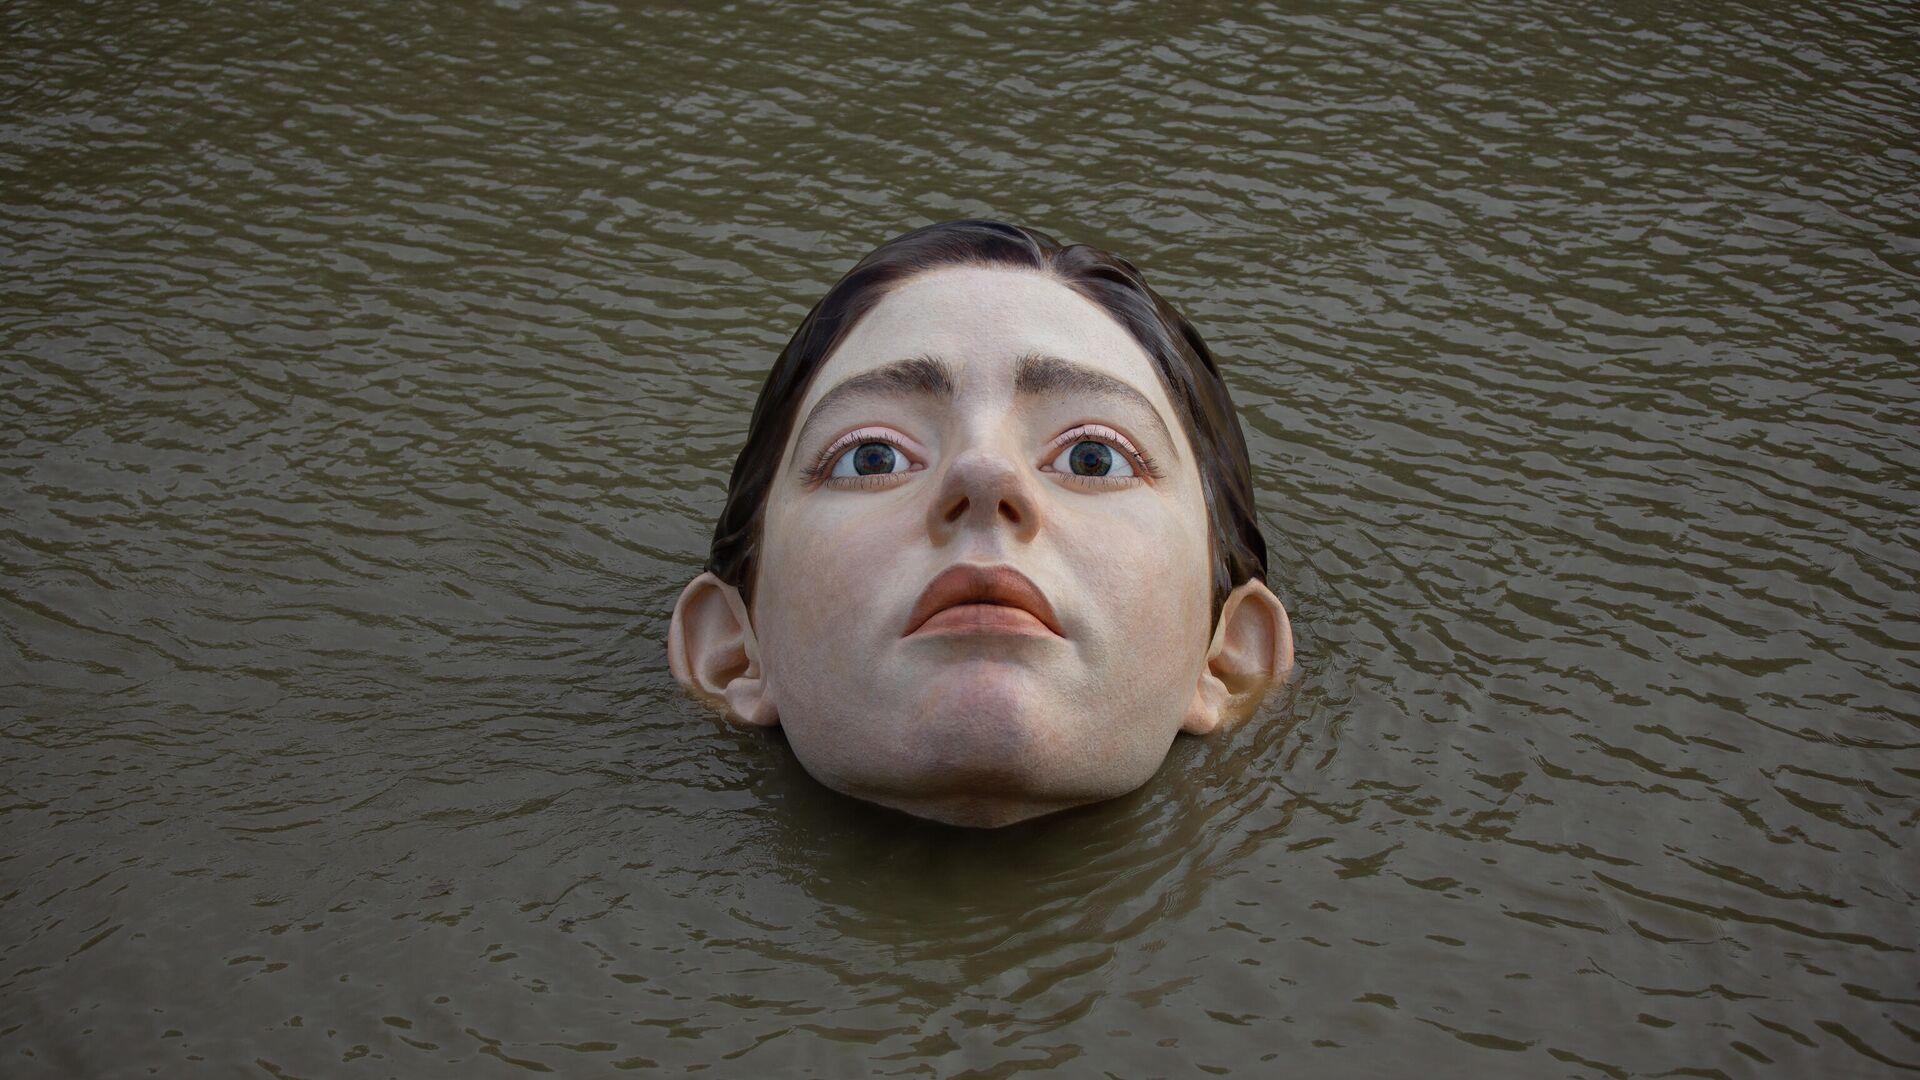 Una figura de una niña sumergida en el río de Bilbao - Sputnik Mundo, 1920, 01.10.2021